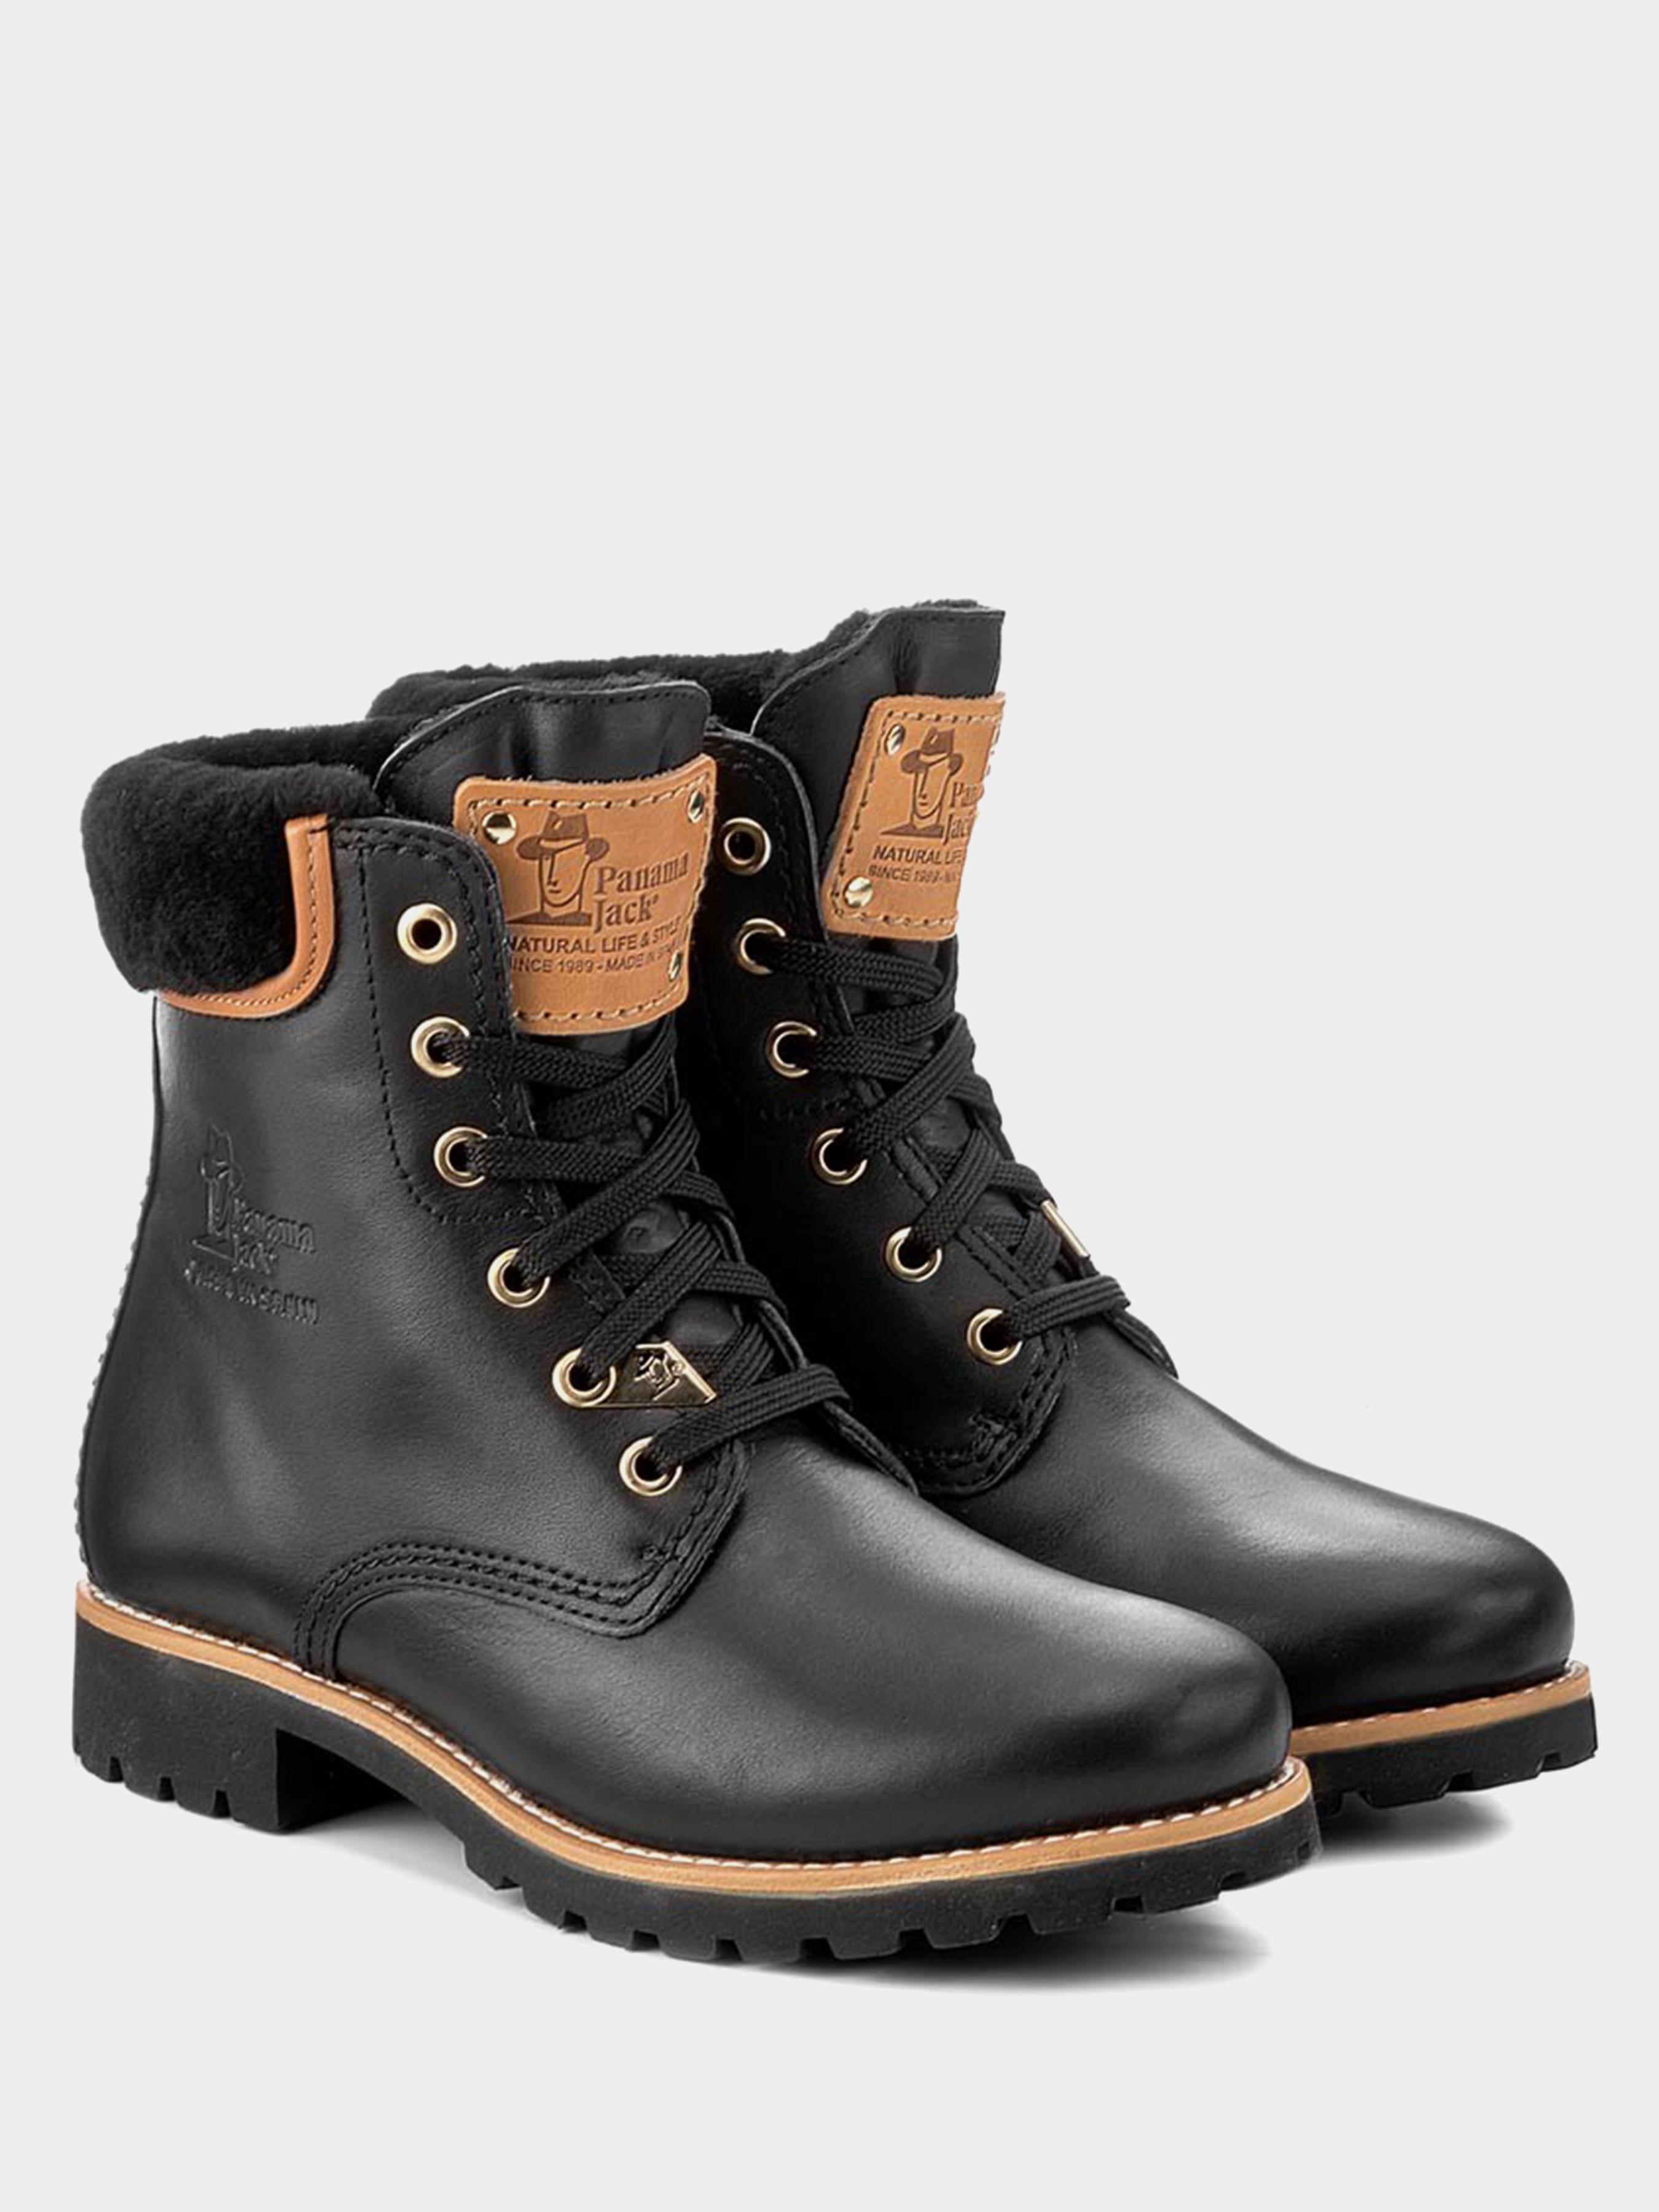 Купить Ботинки женские Panama Jack PW127, Черный